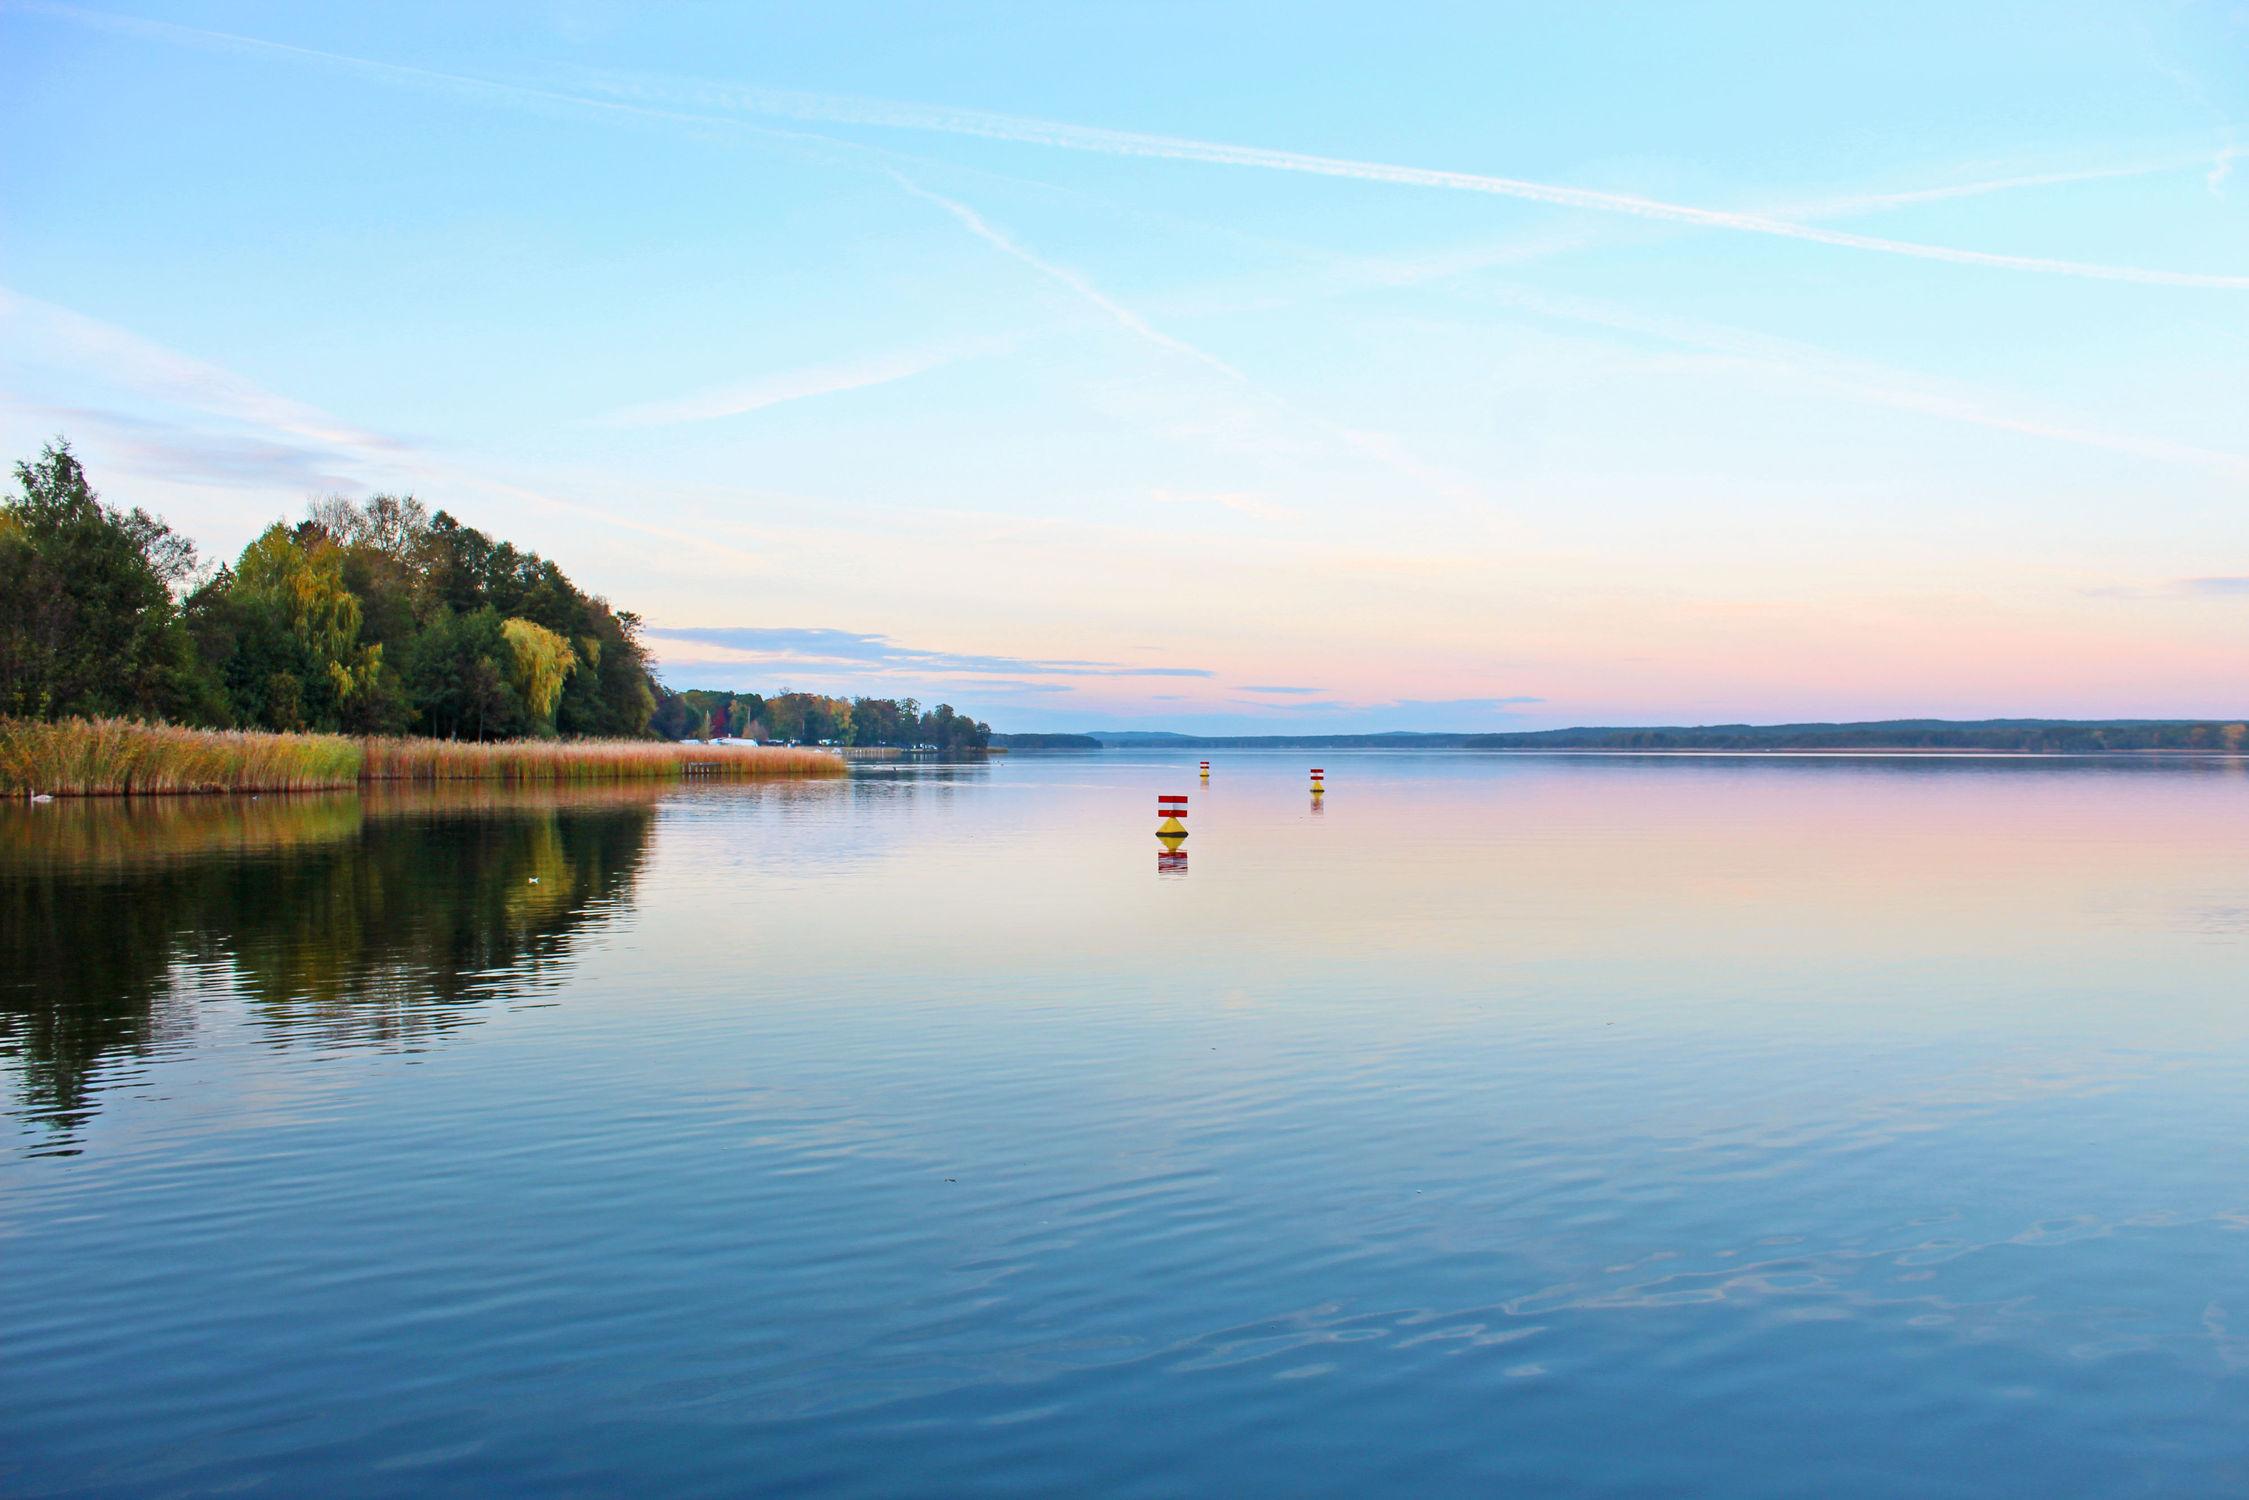 Bild mit Wasser, Gewässer, Sonnenuntergang, Sonnenaufgang, Landschaft, Sunset, Seeblick, See, Scharmützelsee, Spiegelung